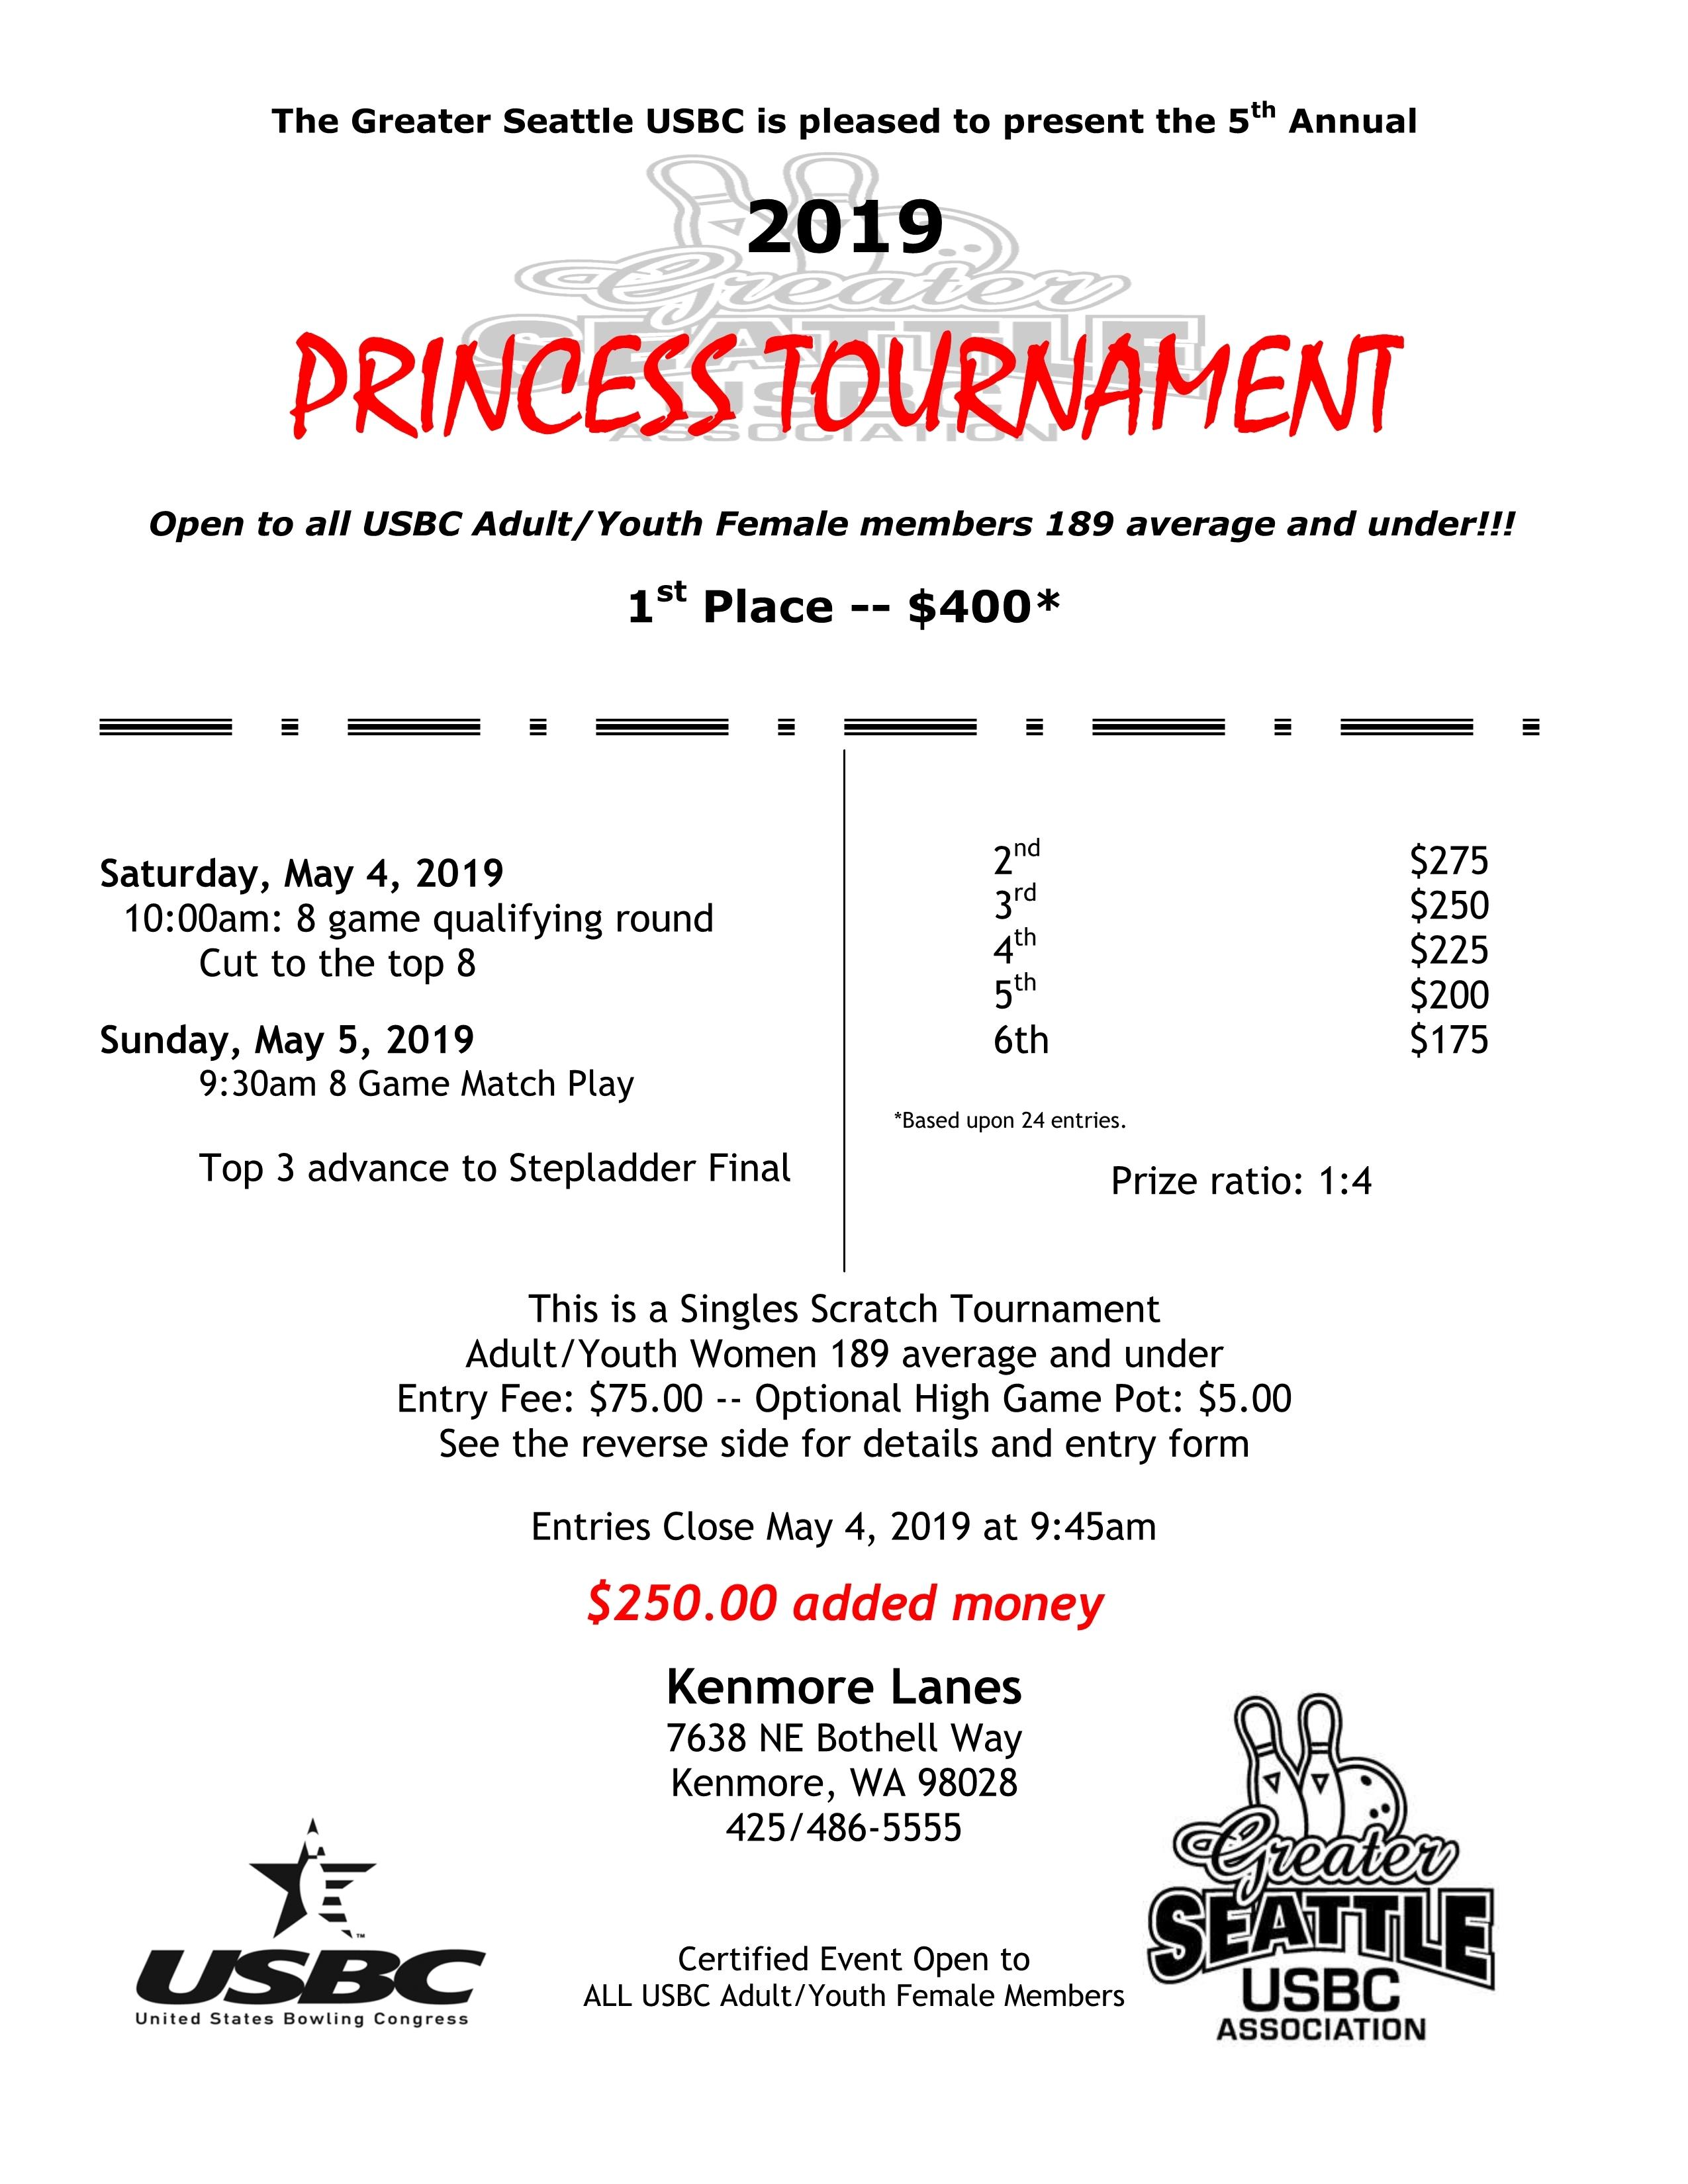 Seattle Princess Tournament PR-2019